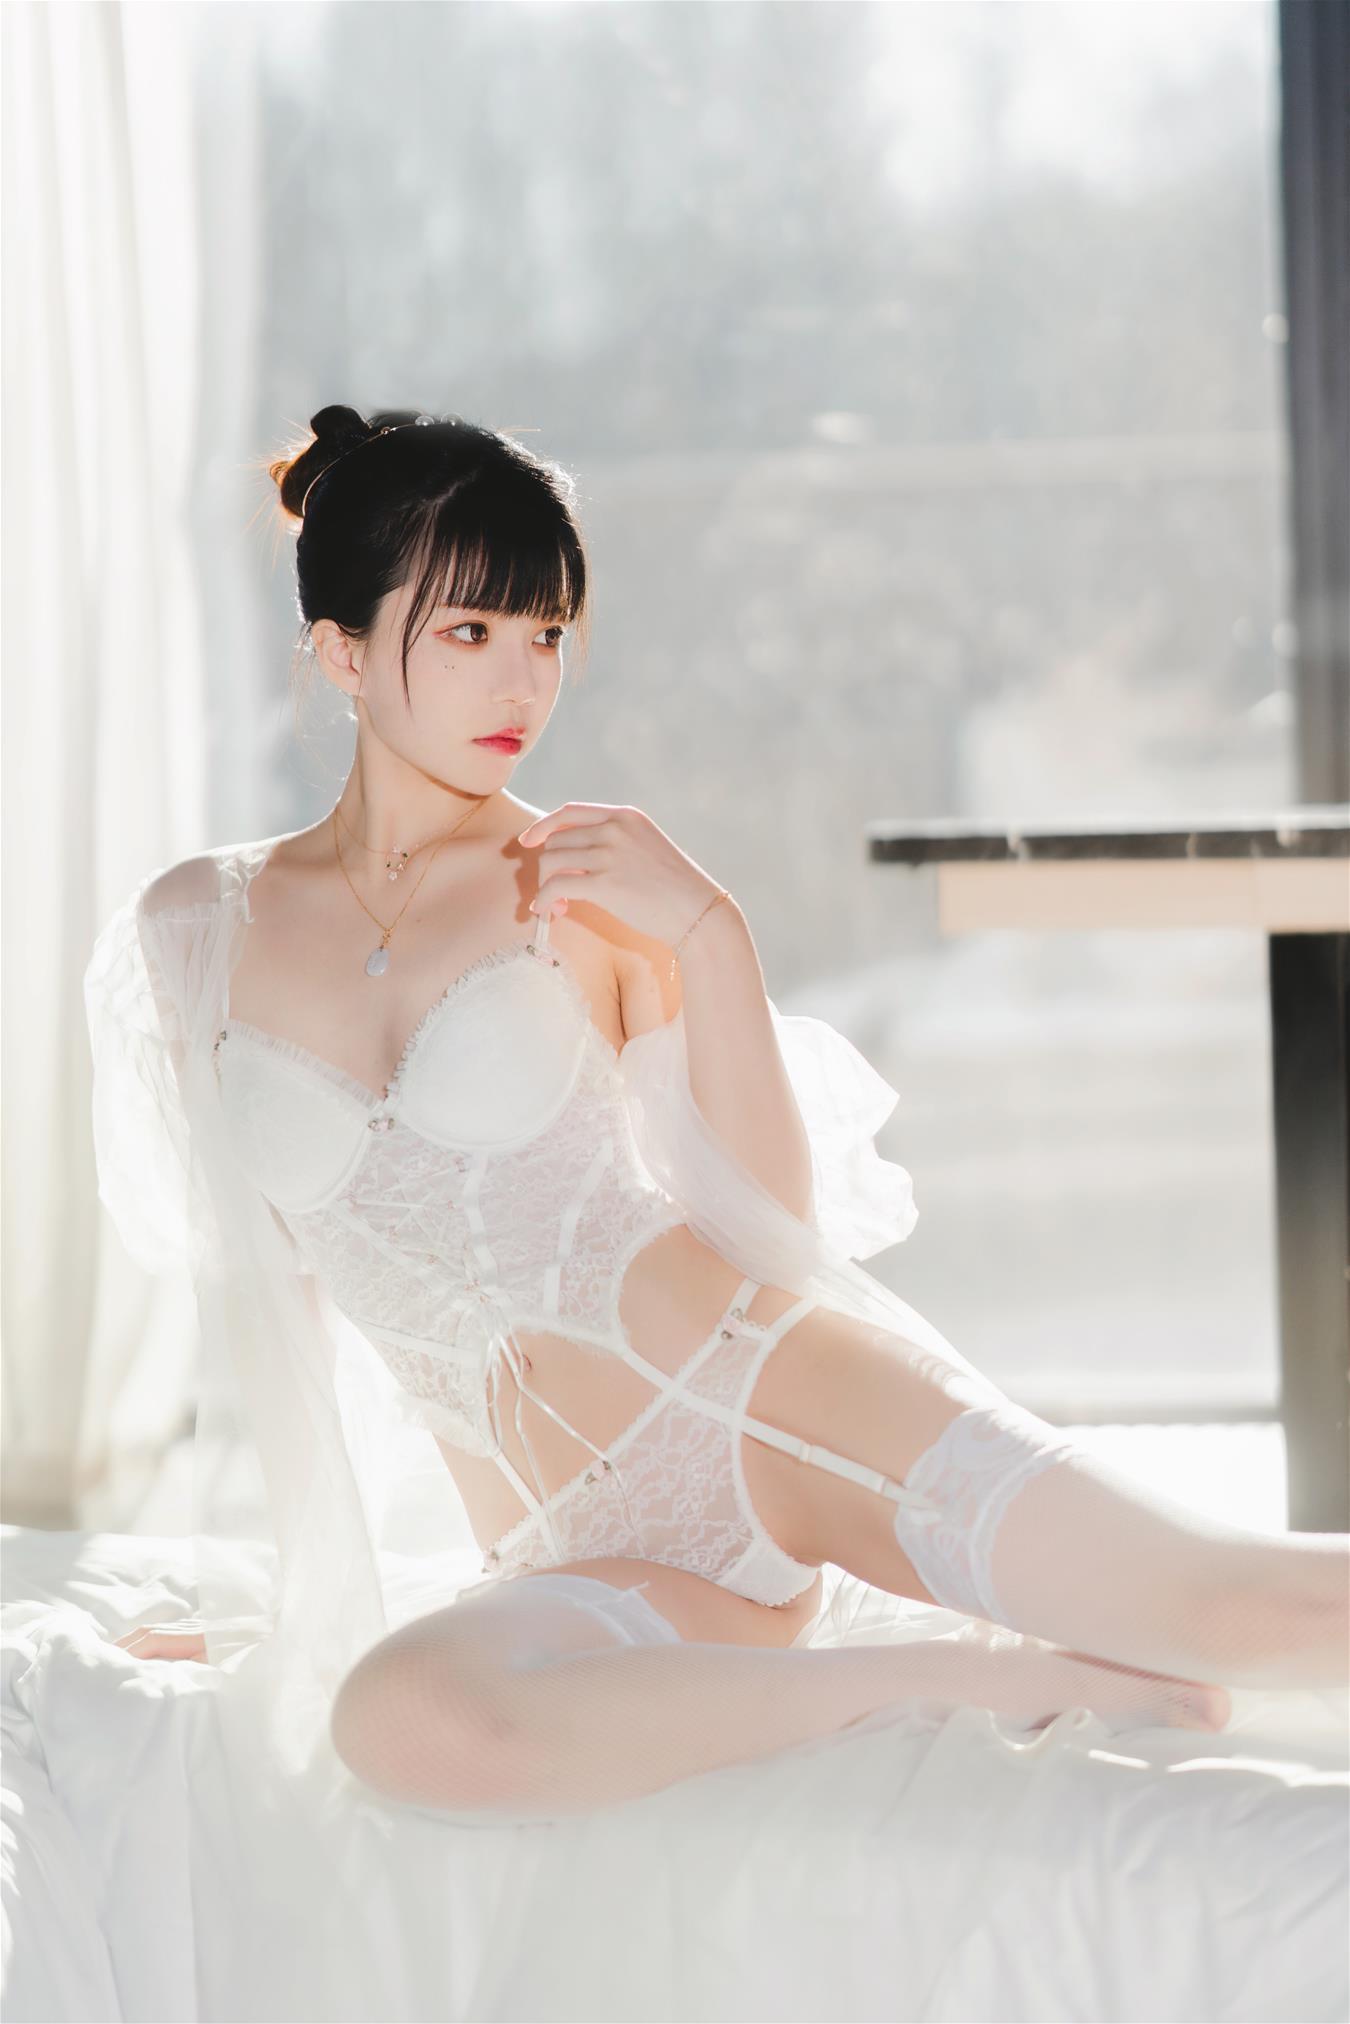 微博妹子@桜桃喵 白纱糖 [75P]